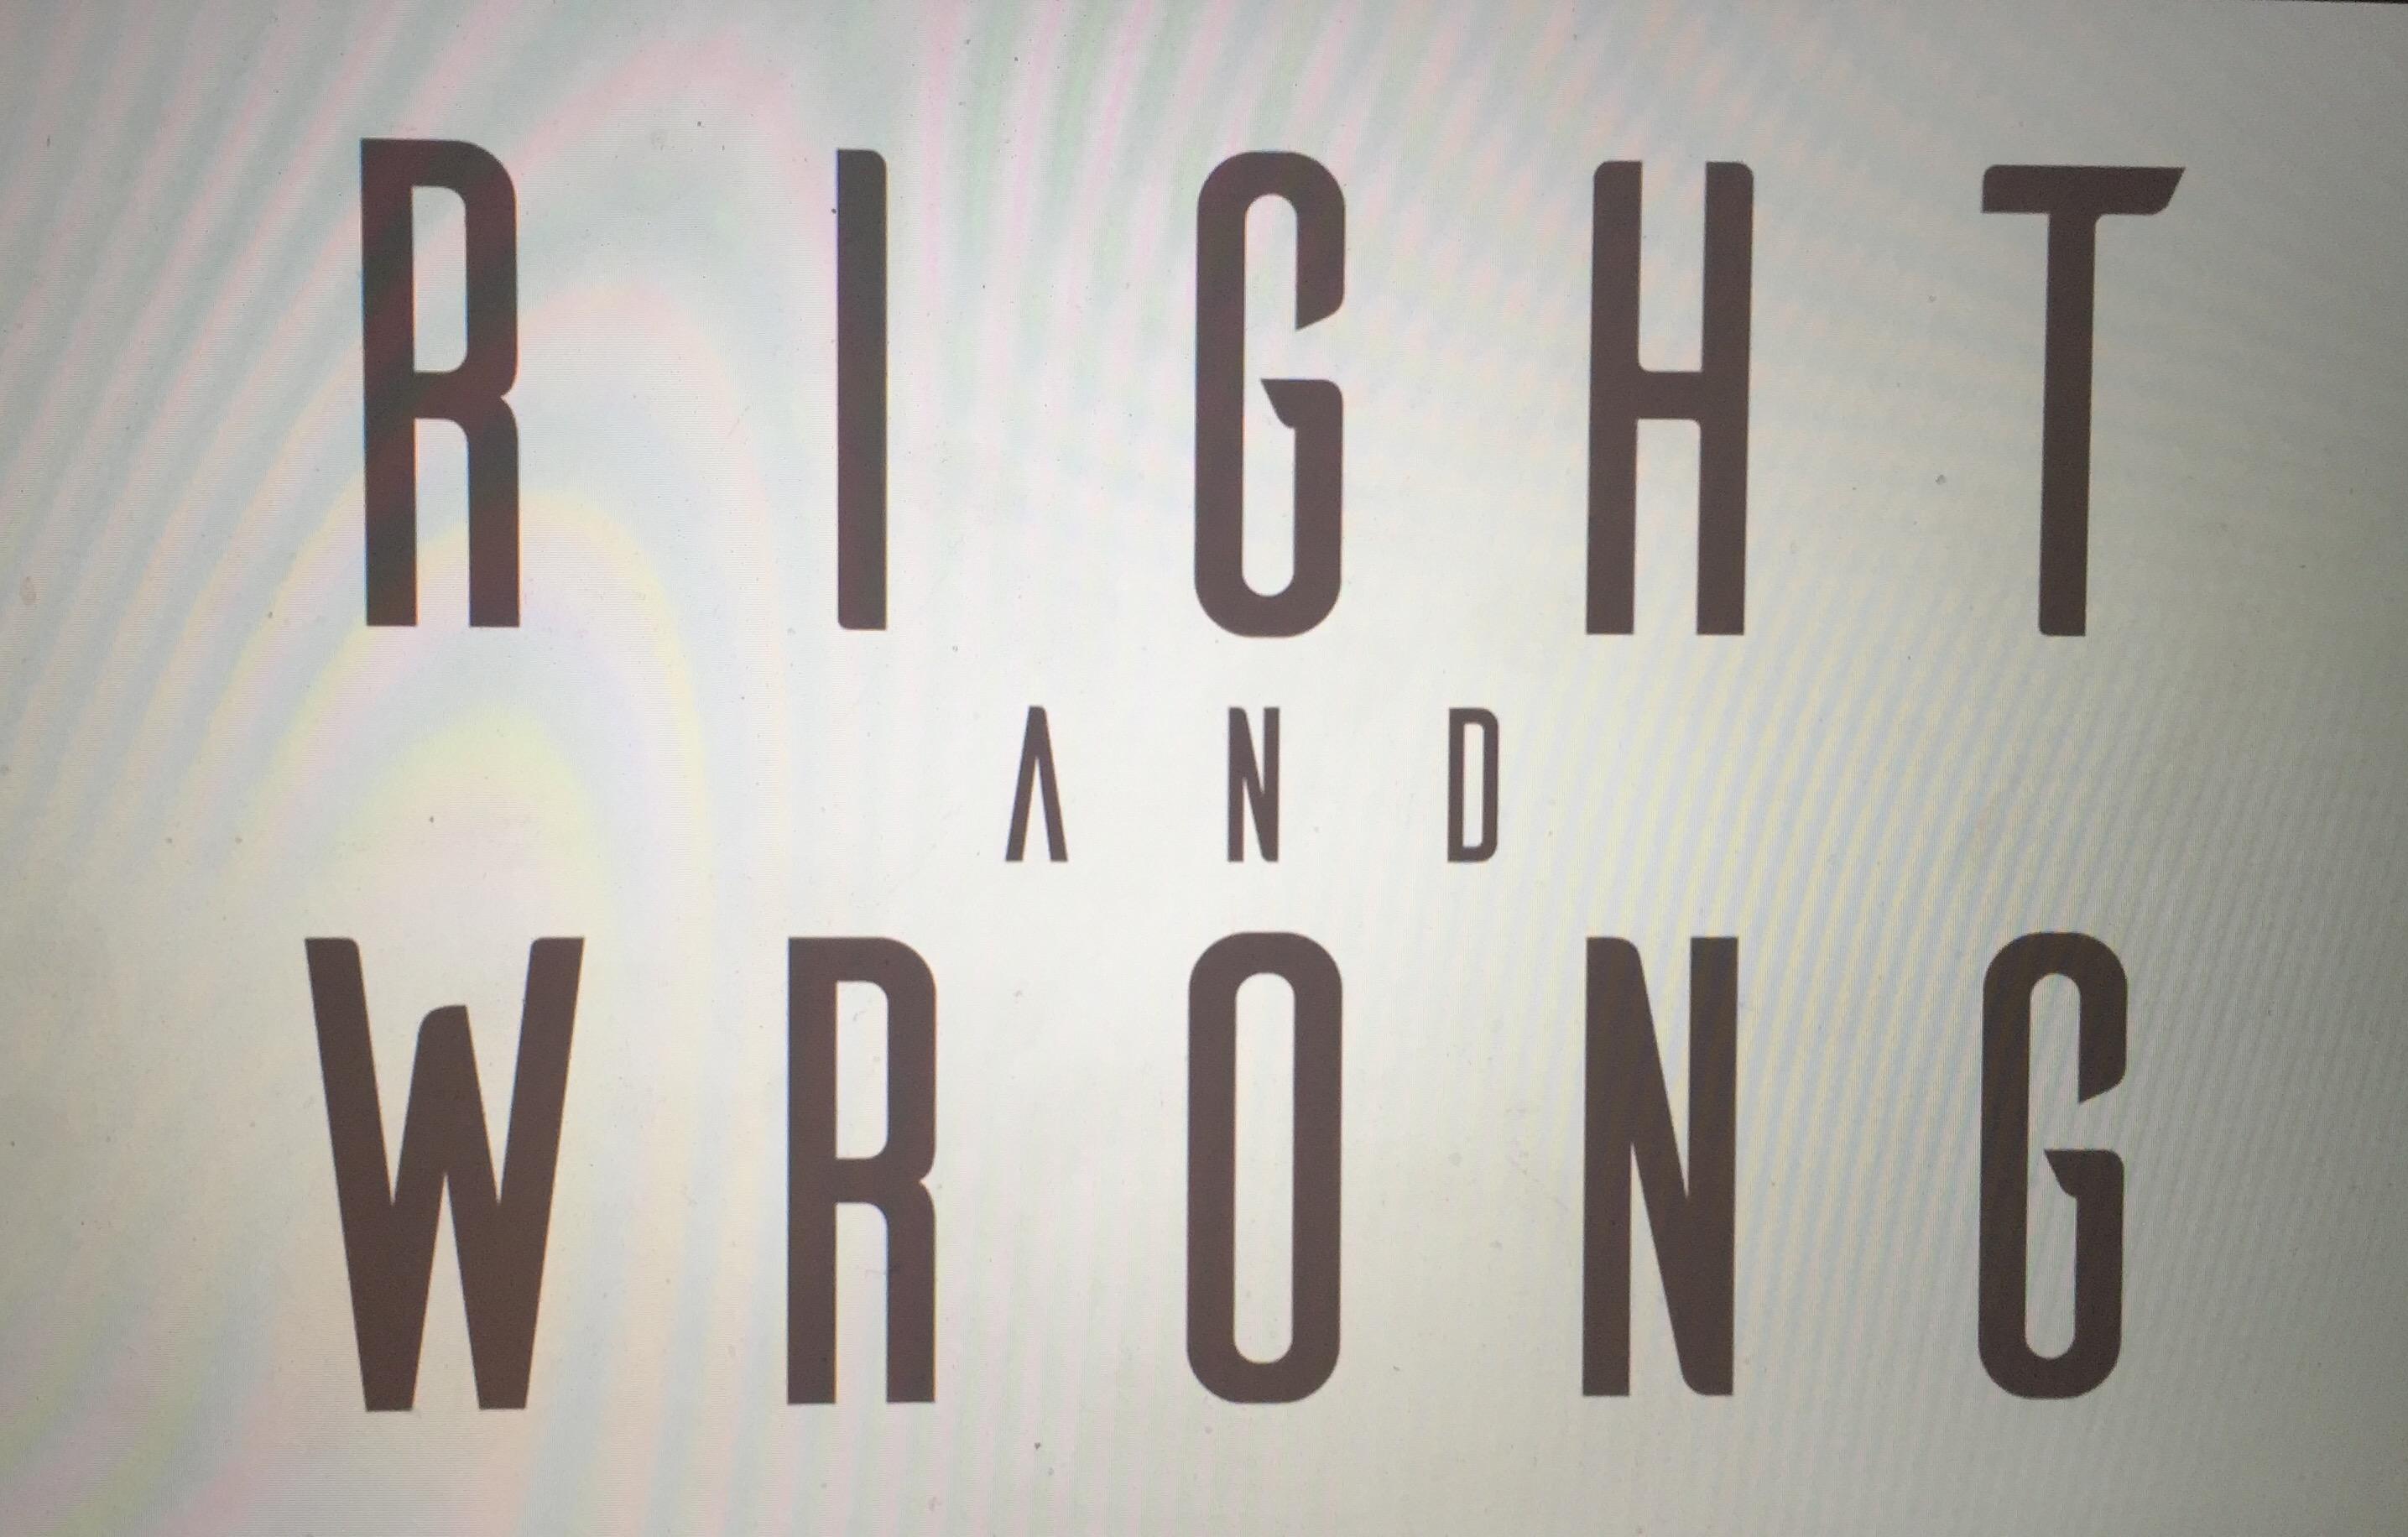 """Creadores de """"The Bat"""" realizan ahora """"Right and Wrong"""""""